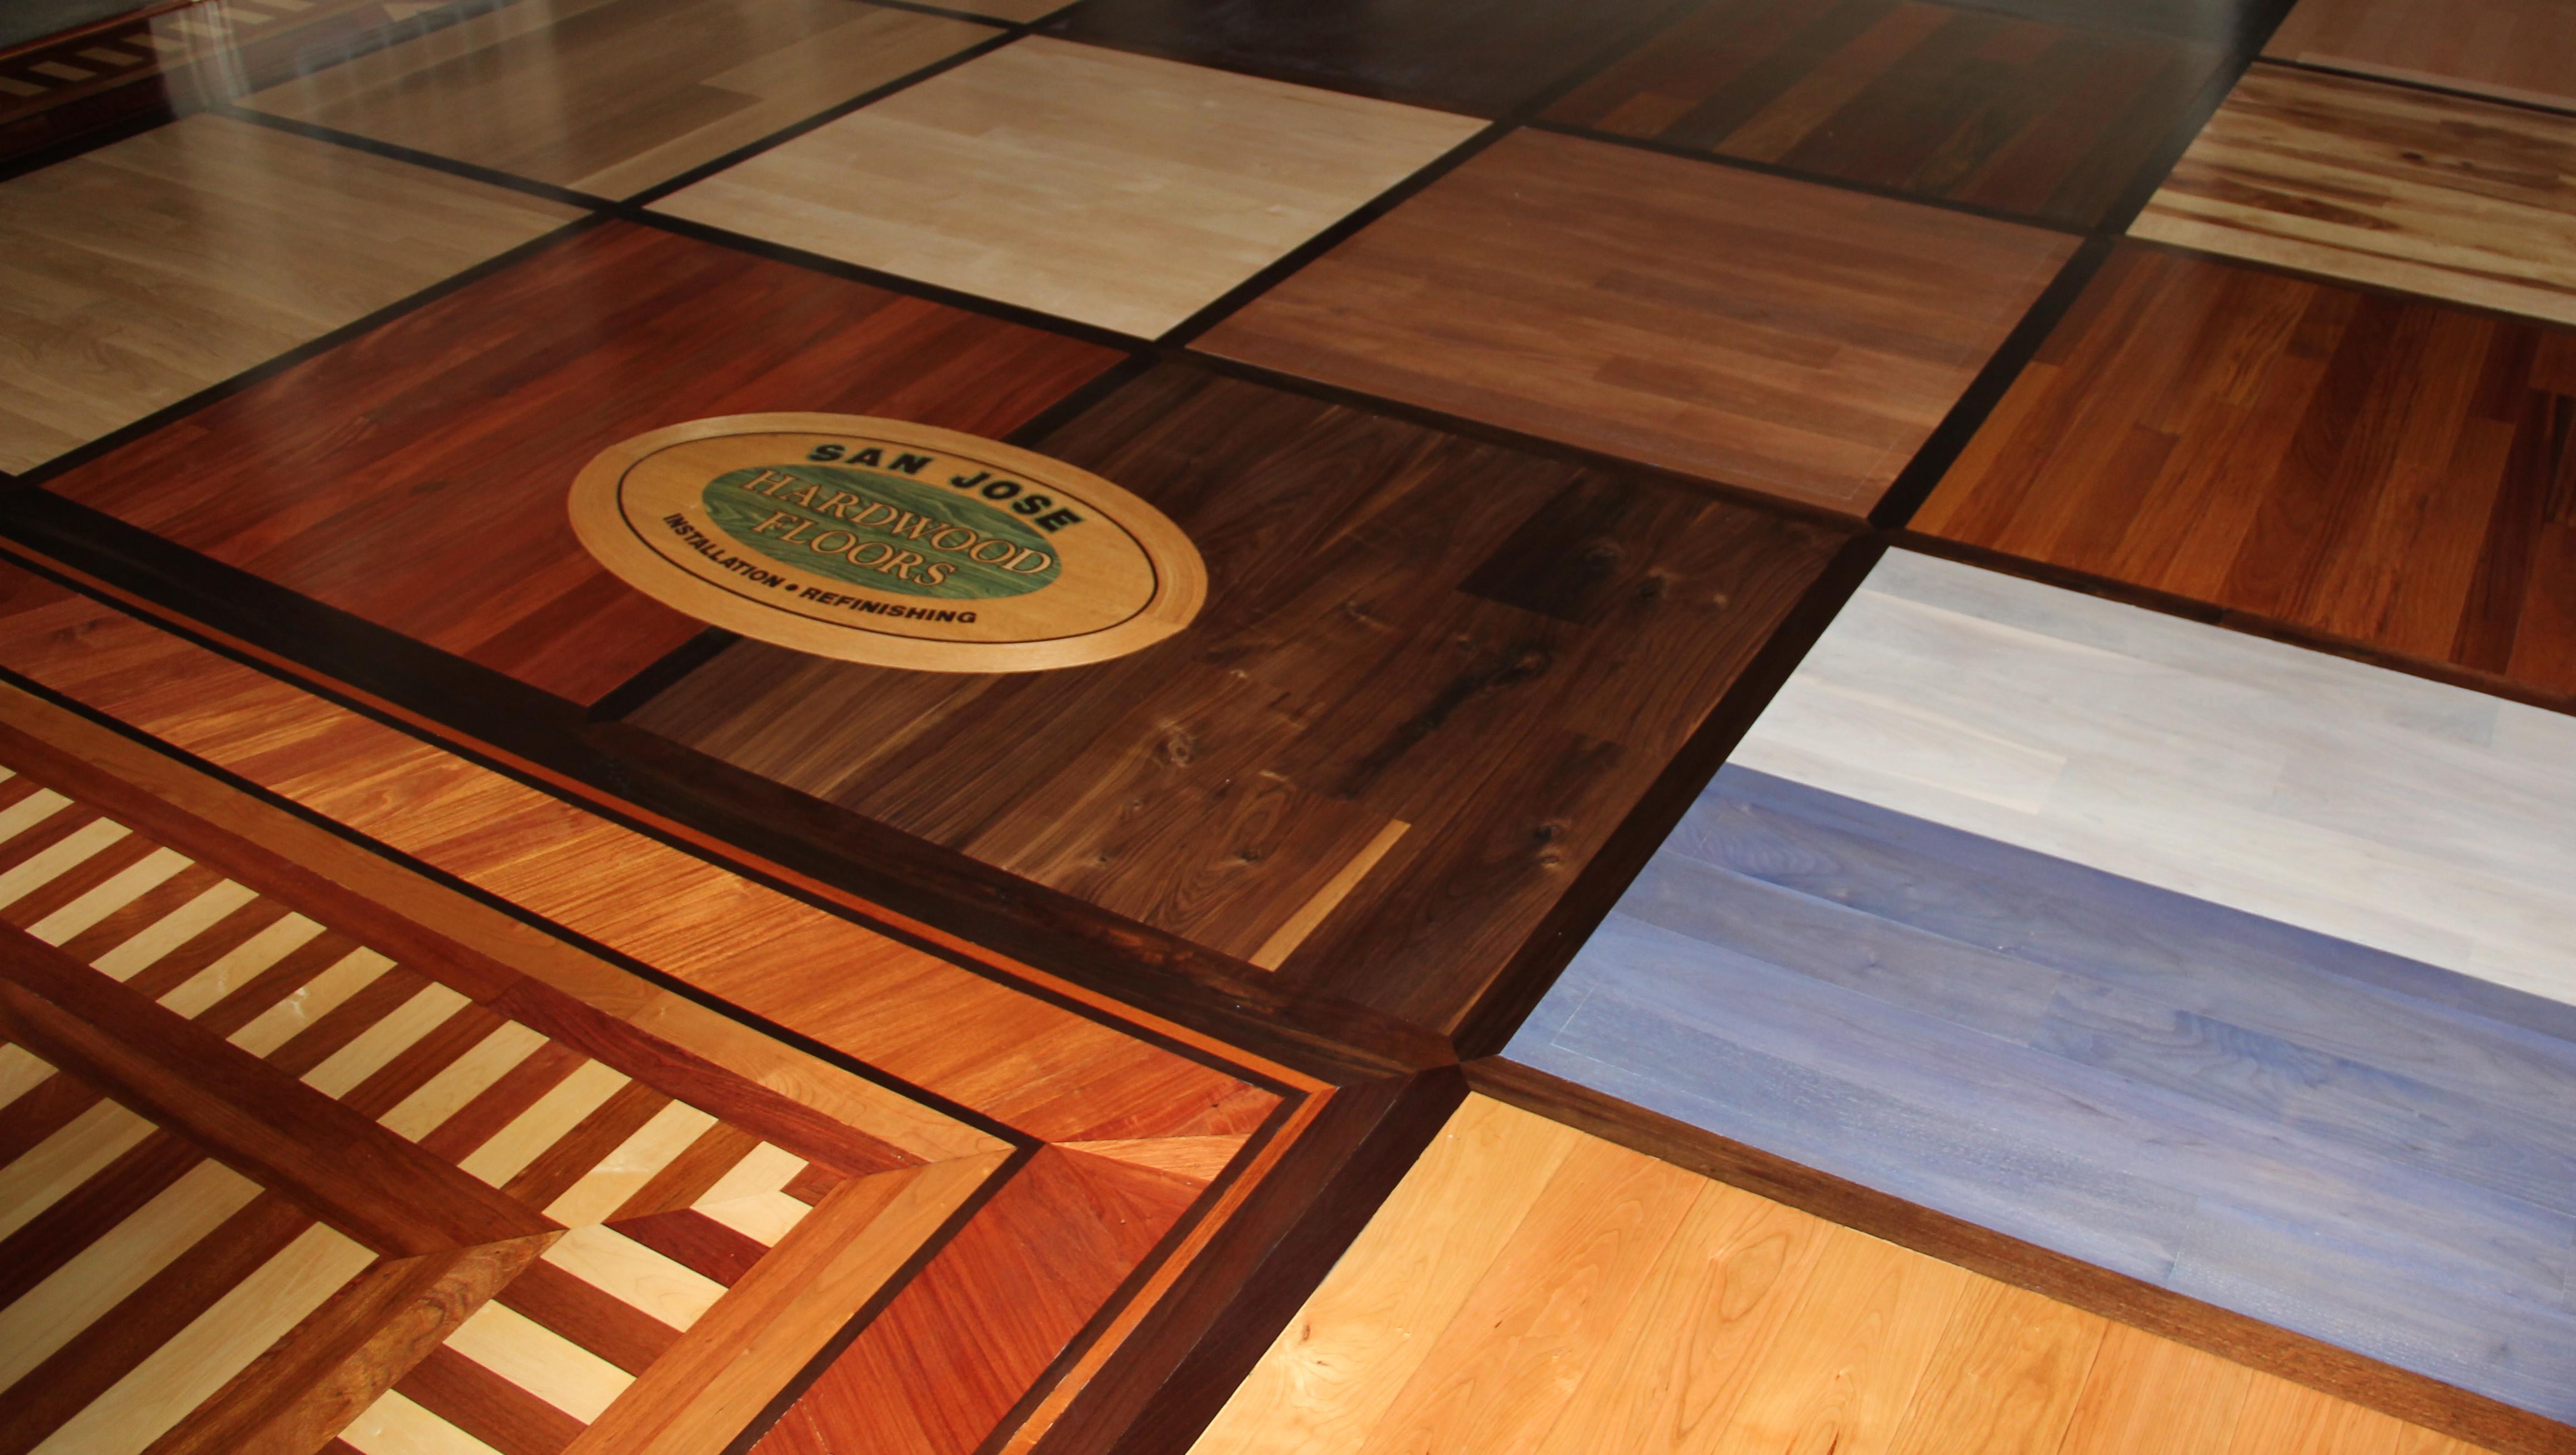 Hardwood Flooring Gallery View San Jose Hardwood Floor S